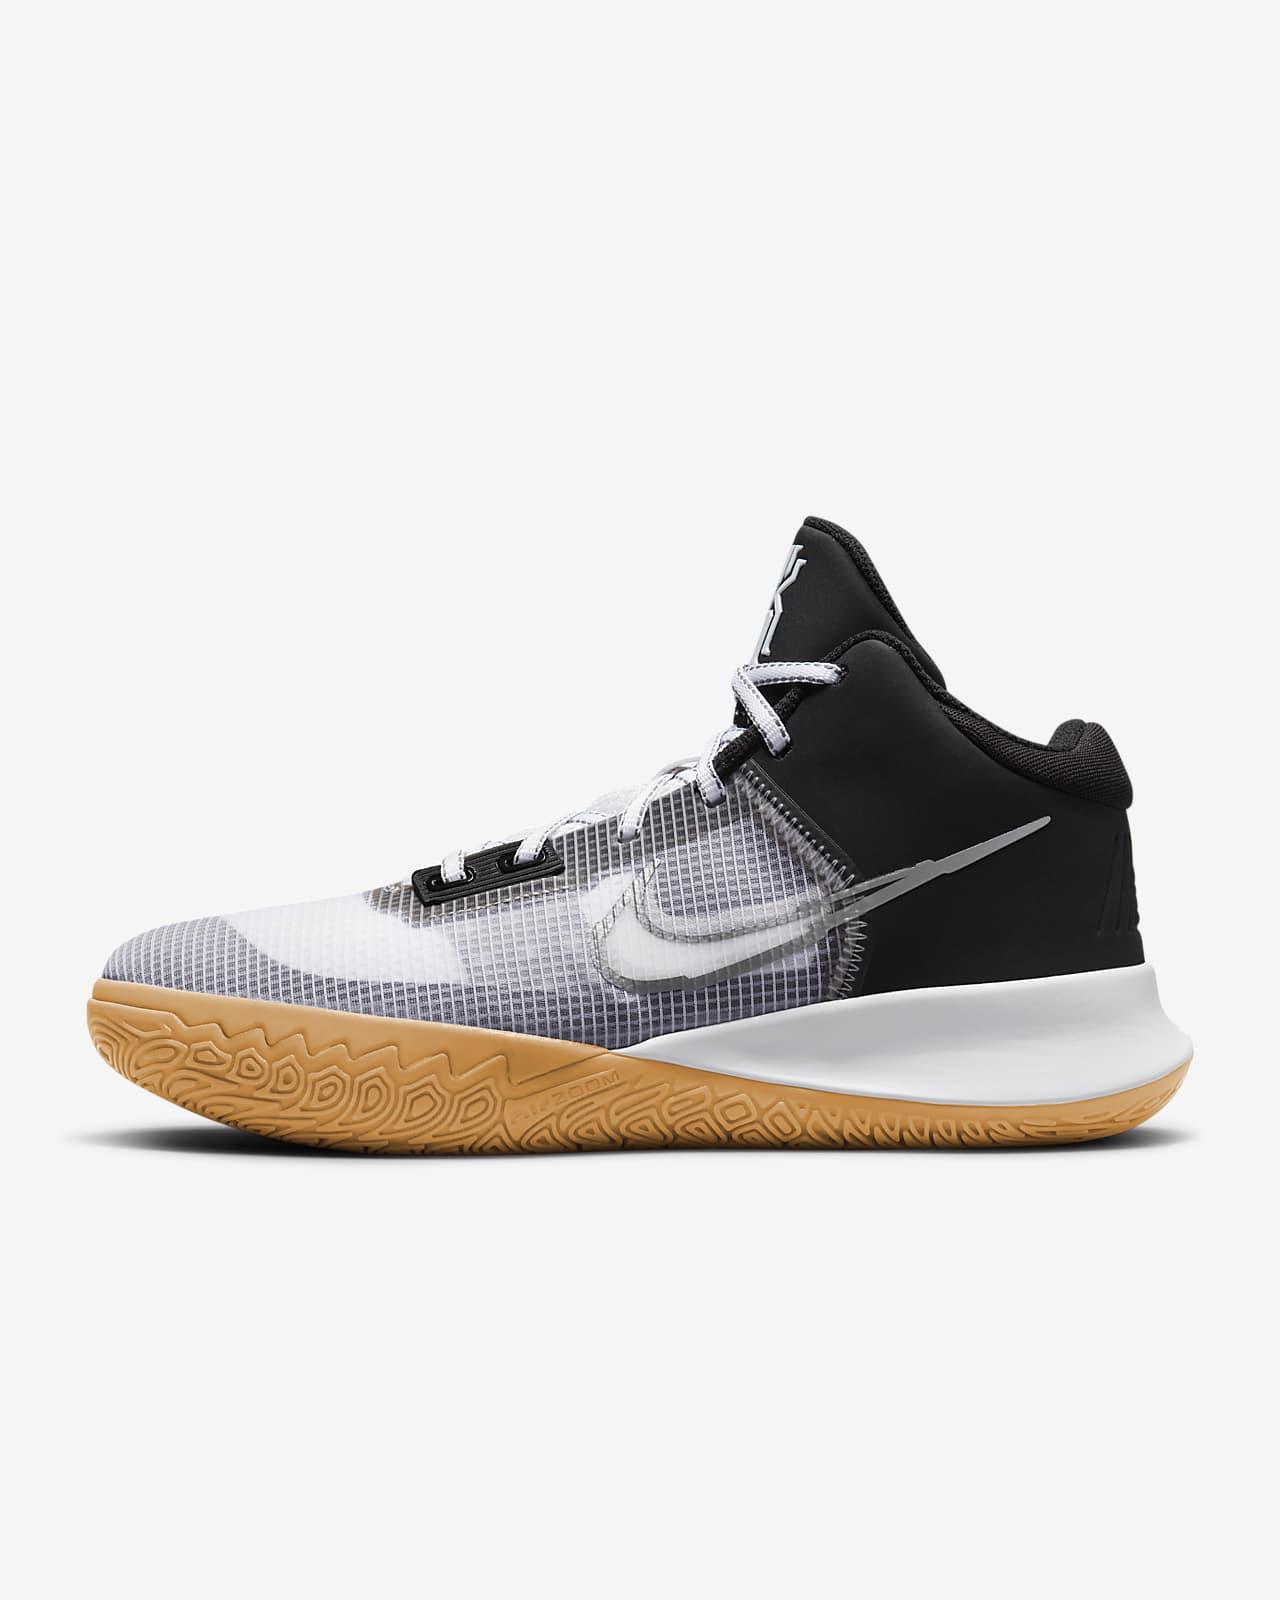 Kyrie Flytrap 4 EP Basketball Shoe